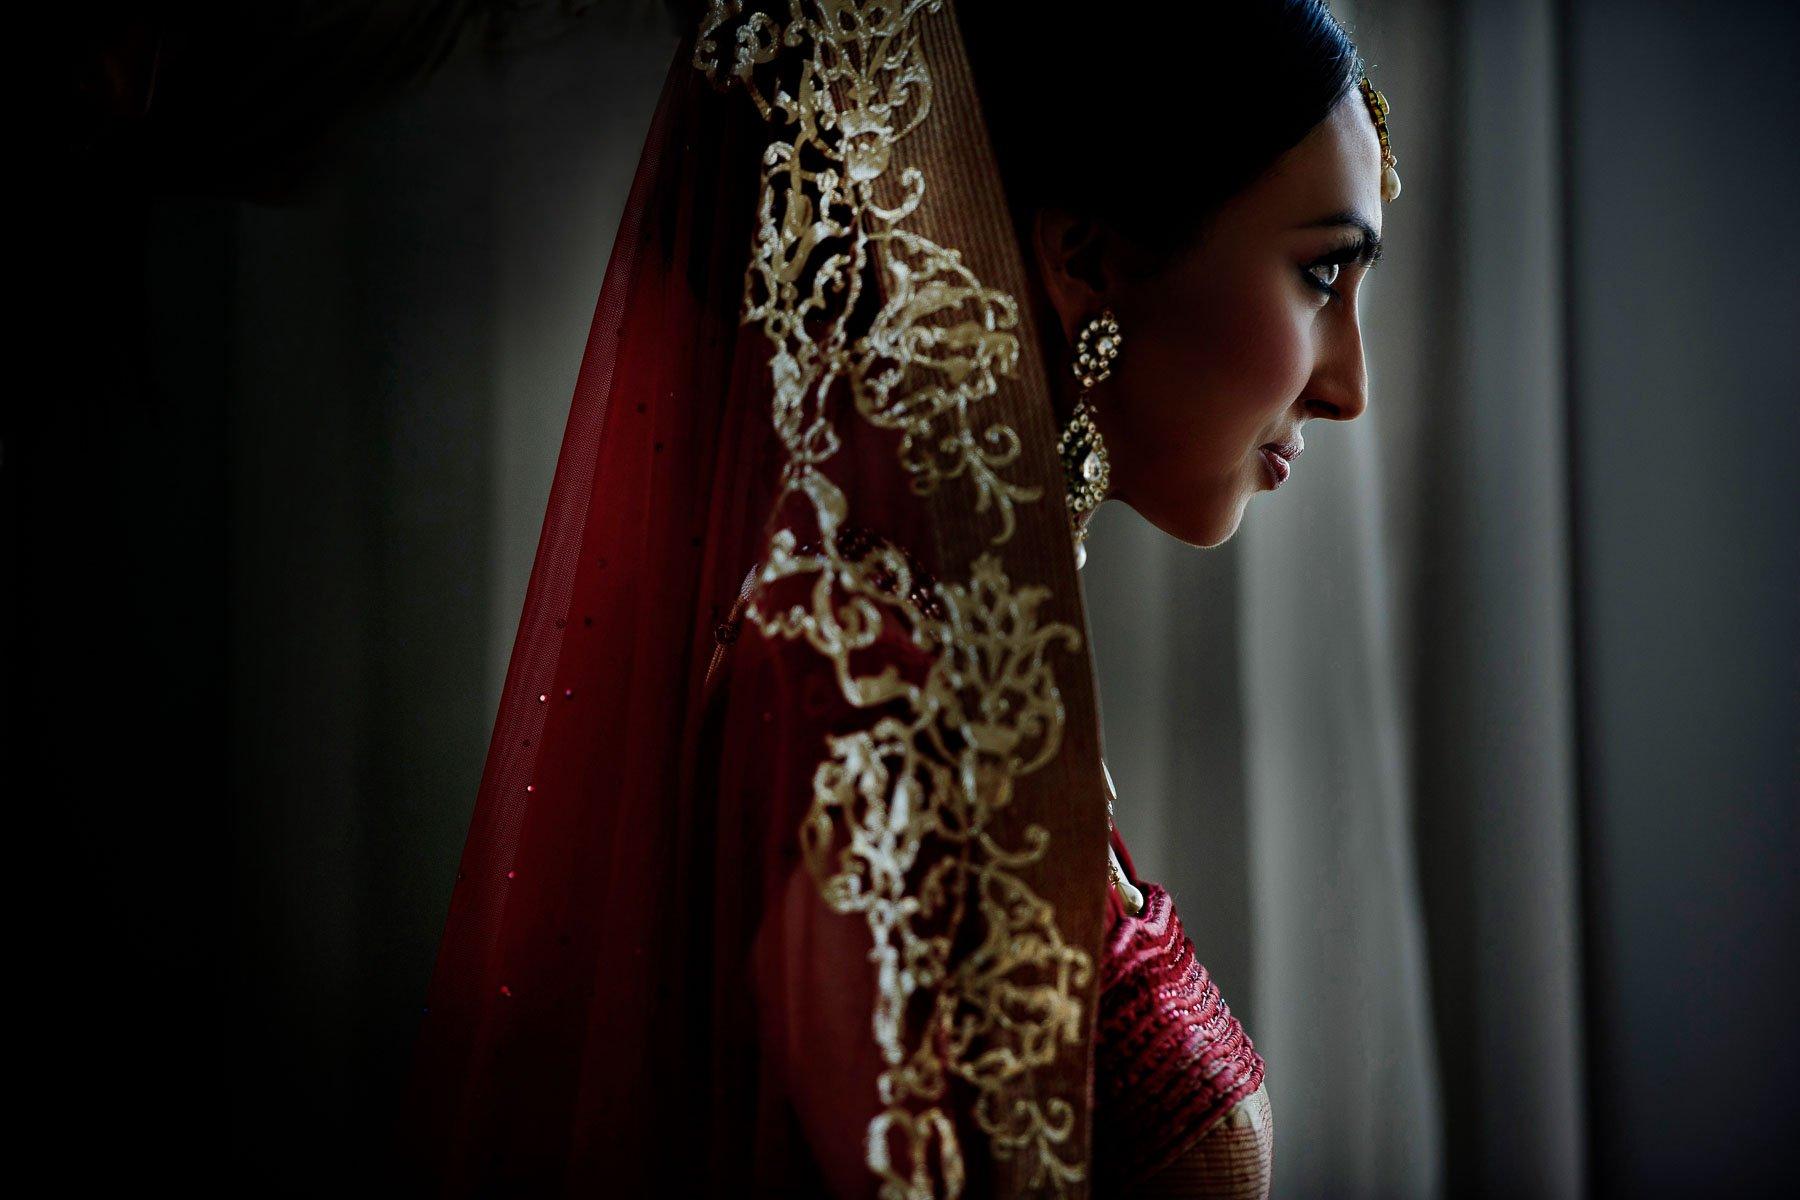 South Asian Bride by Maloman Studios